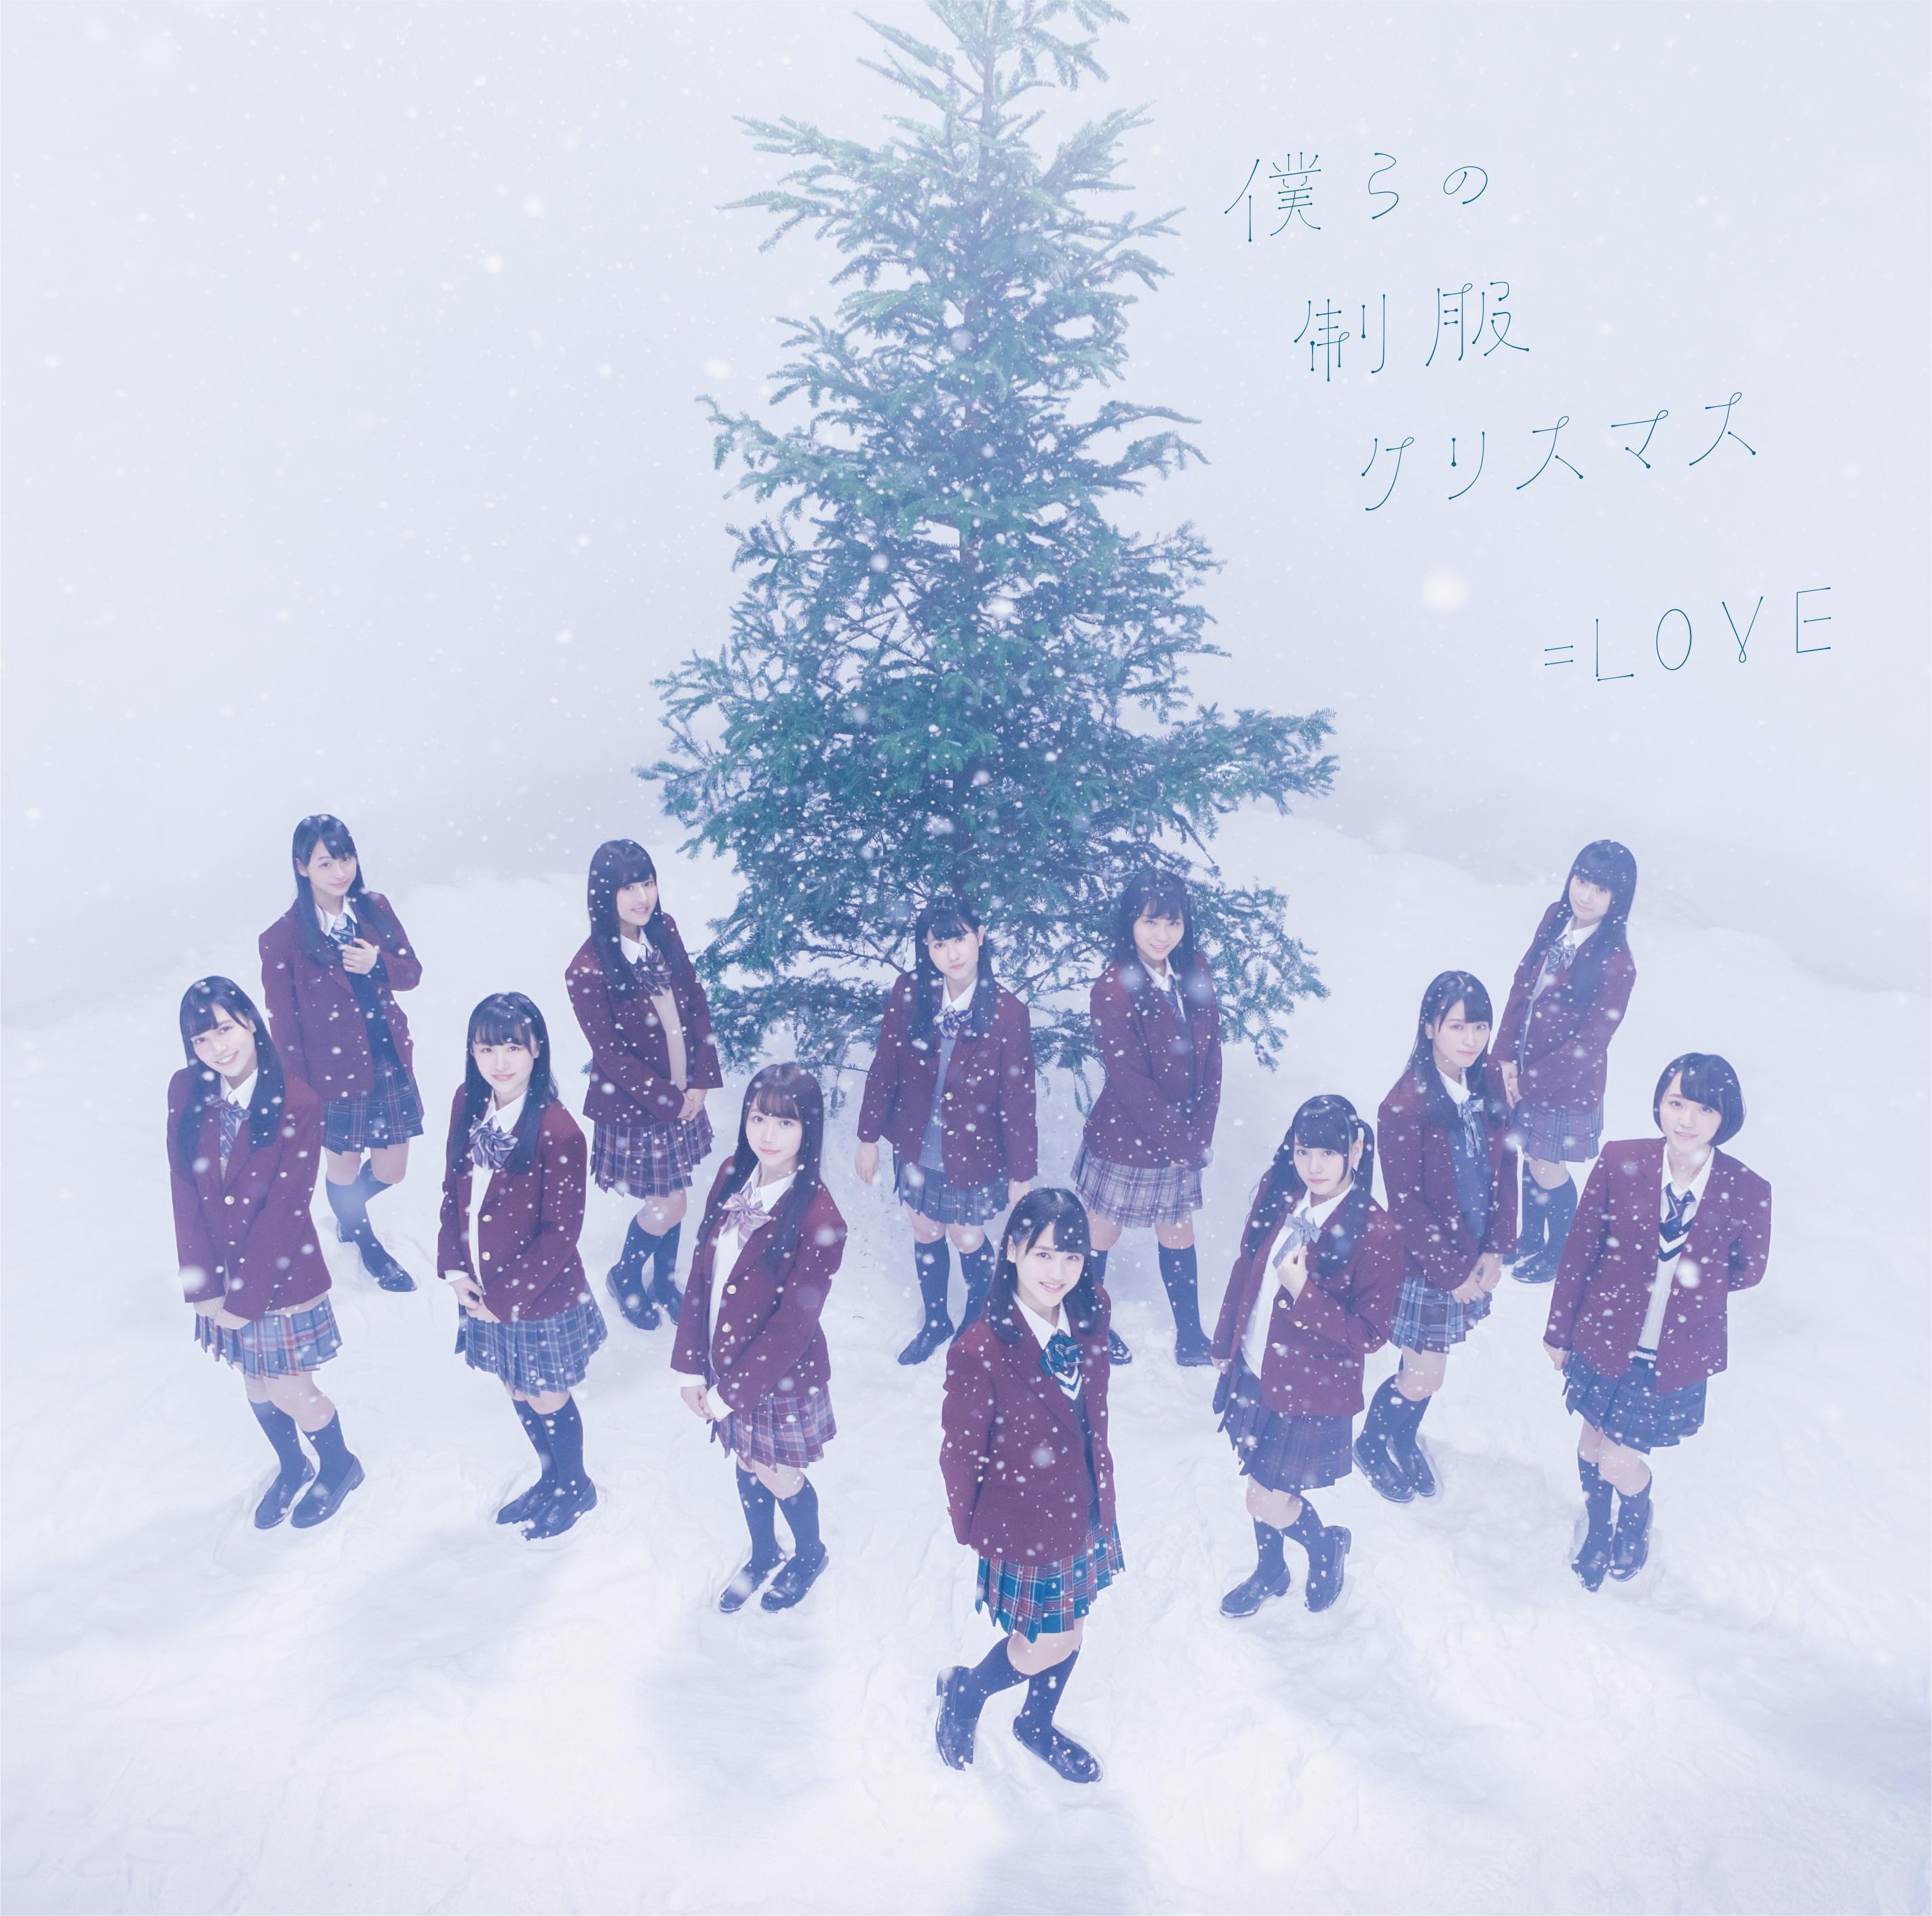 僕らの制服クリスマス [CD+DVD/Type-B](初回仕様限定盤)